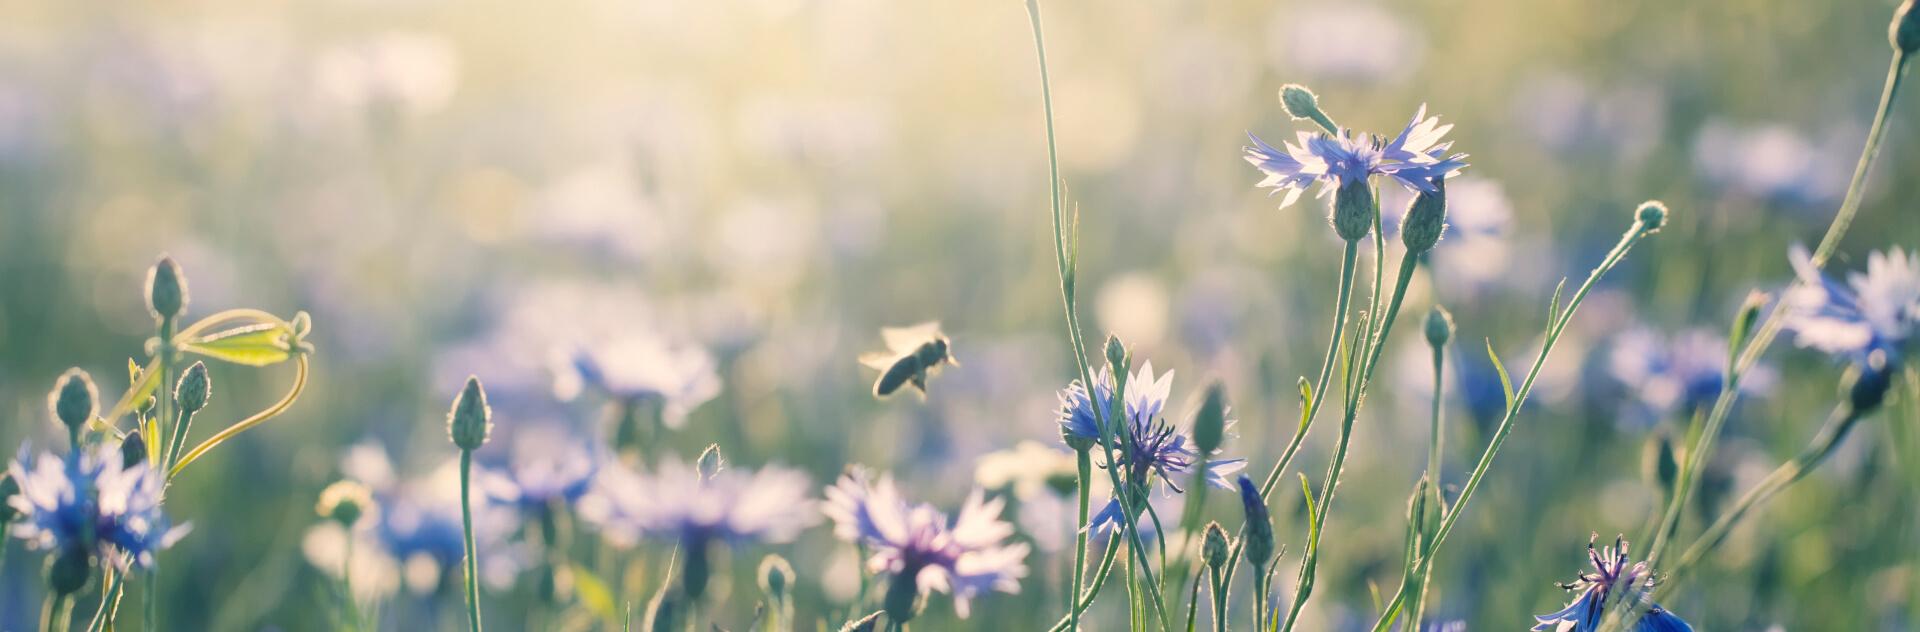 préserver la biodiversité en cultivant un jardin